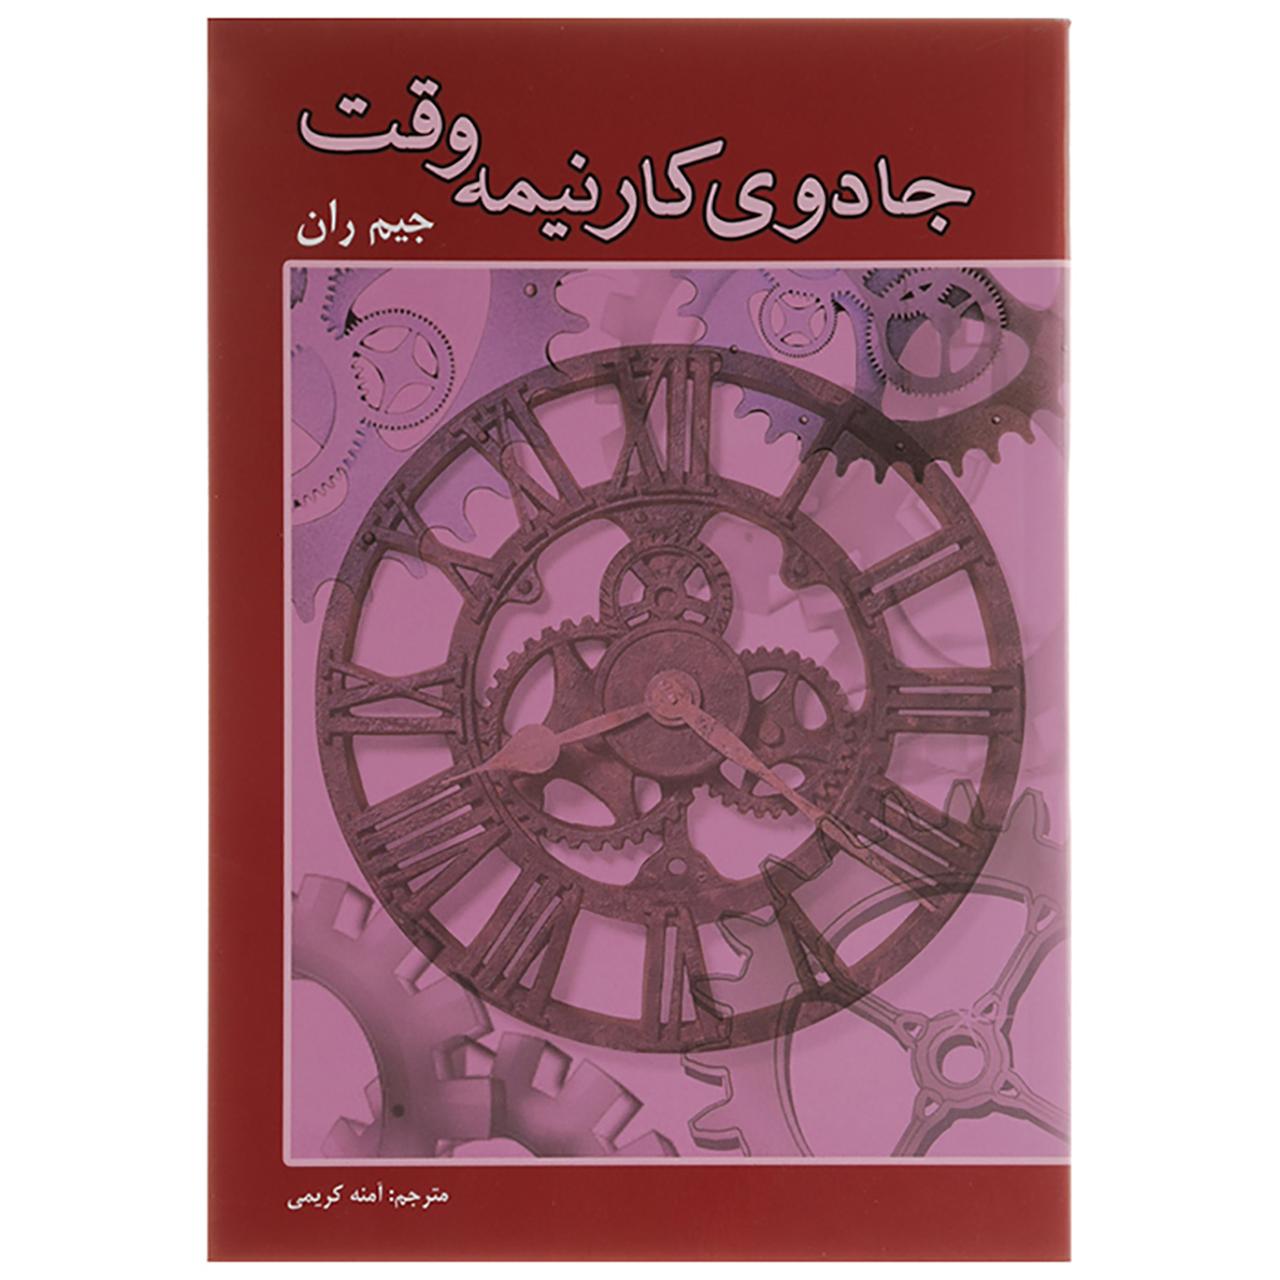 کتاب جادوی کار نیمه وقت اثر جیم ران